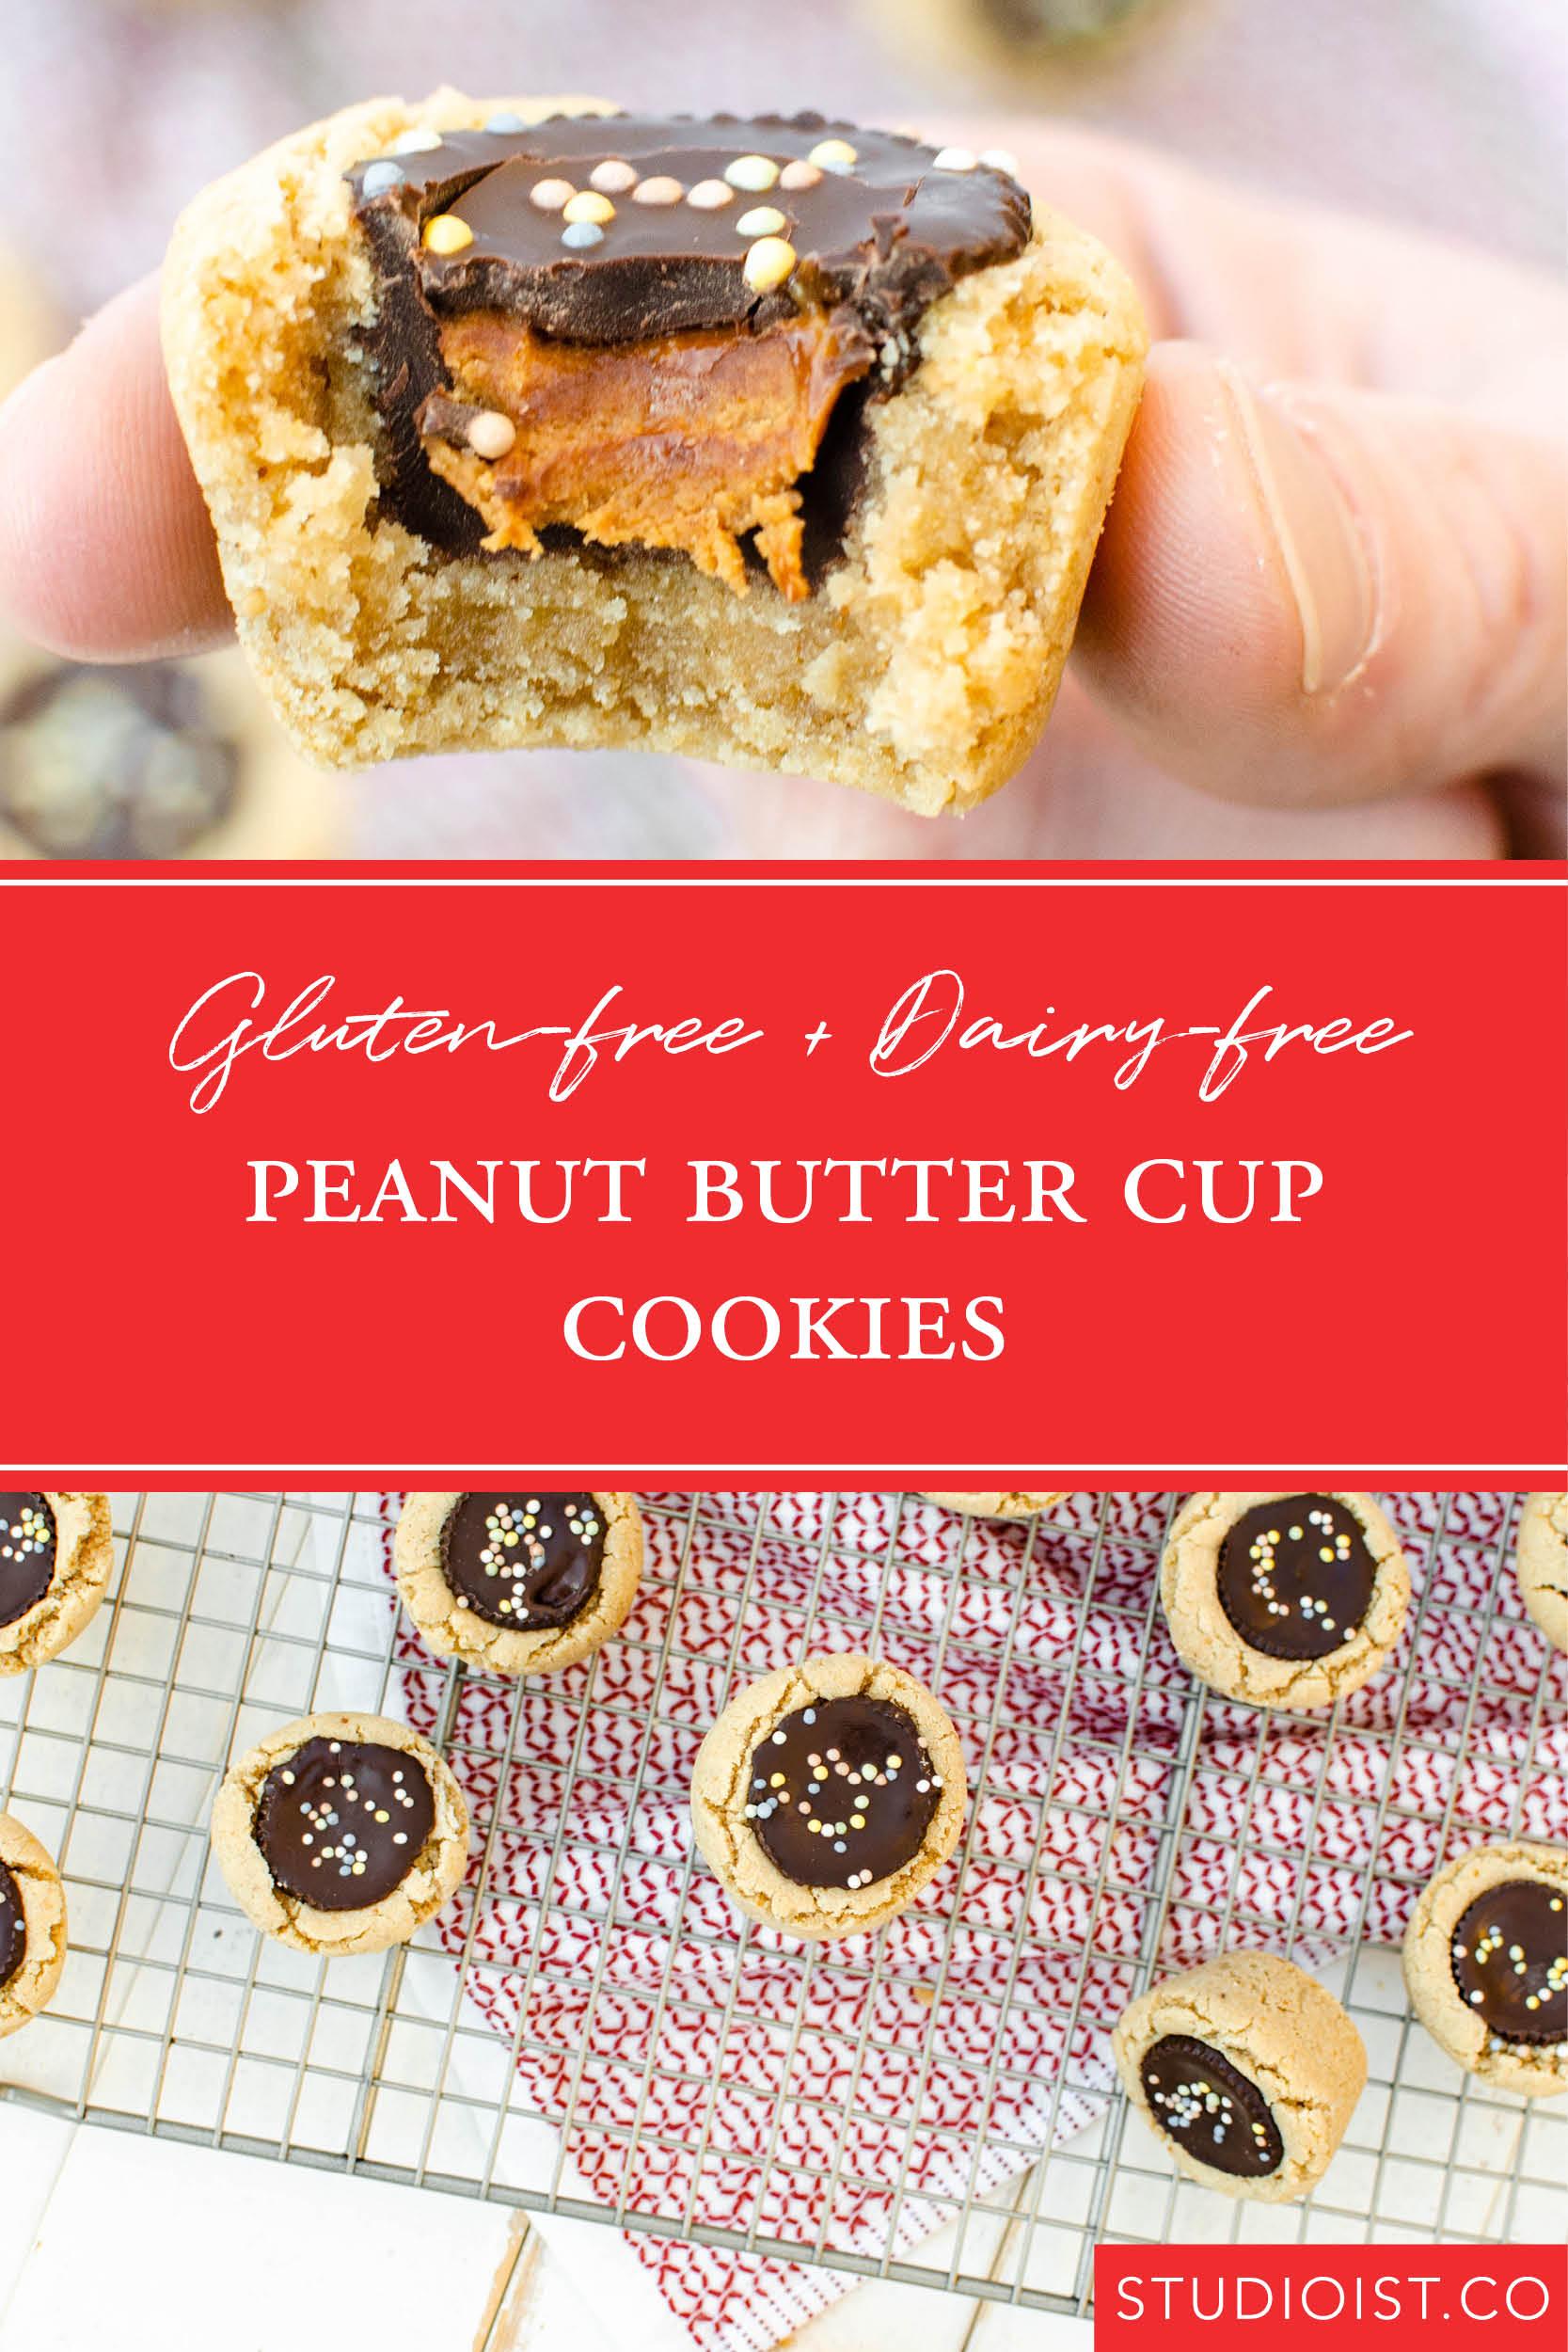 Peanut Butter Cup Cookies_Studioist Pinterest2.jpg